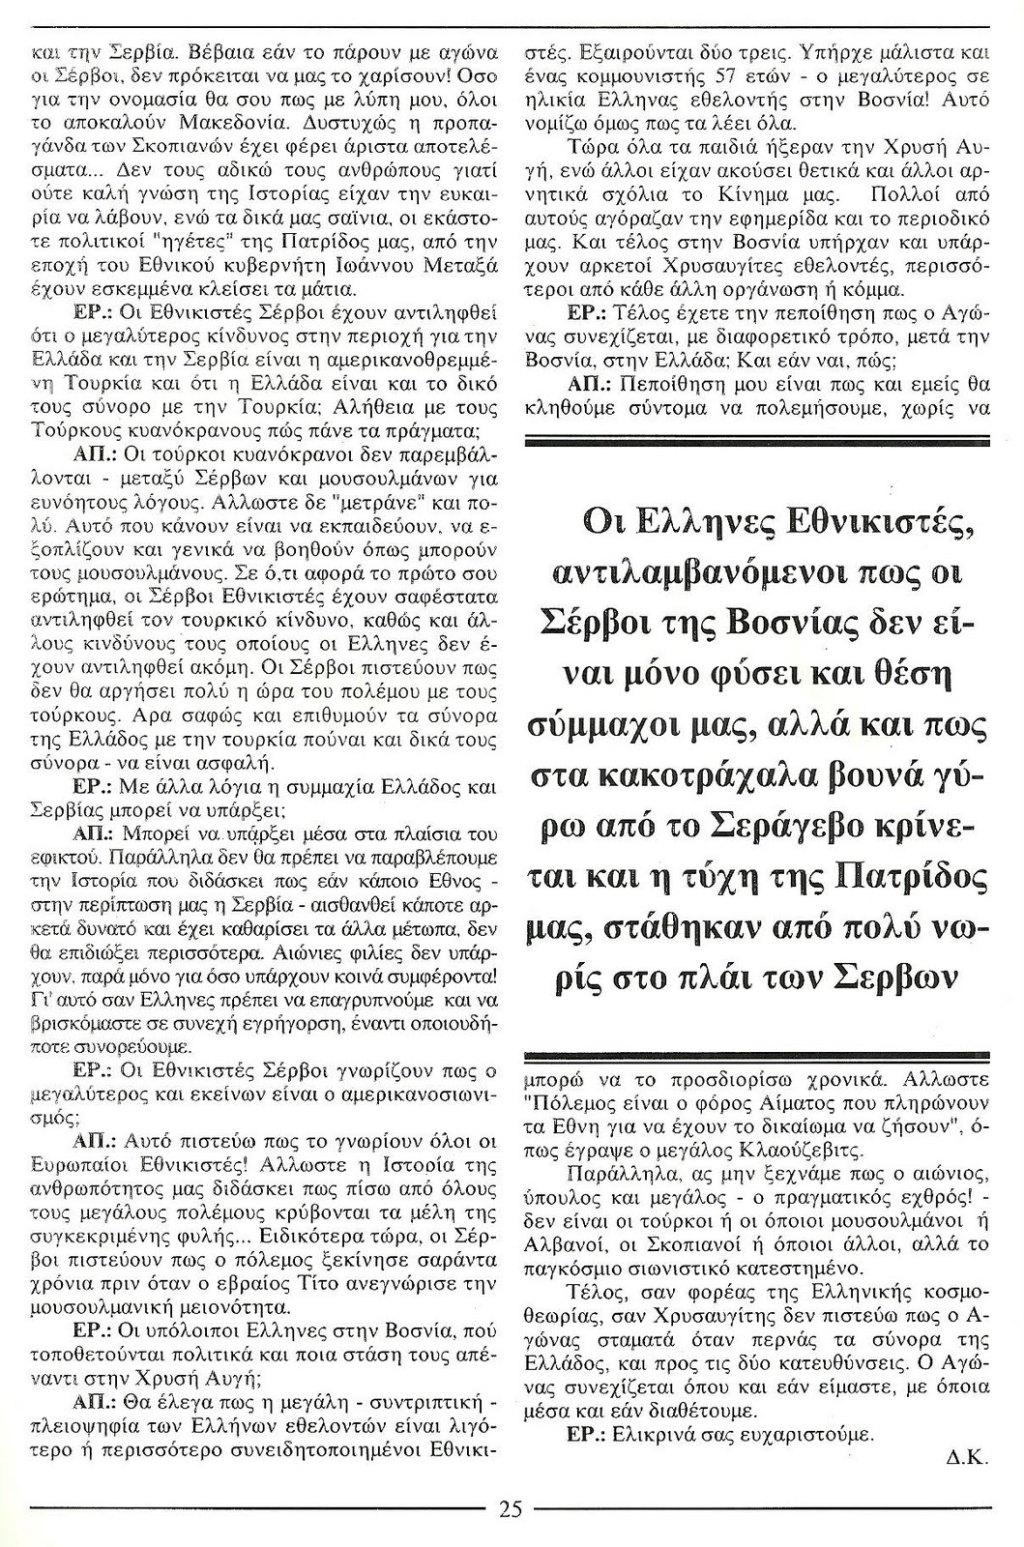 ΔΚ, Πολεμώντας στη Βοσνία, Περιοδικό Χρυσή Αυγή, τχ#088, Σεπτέμβριος 1995, σ. 25